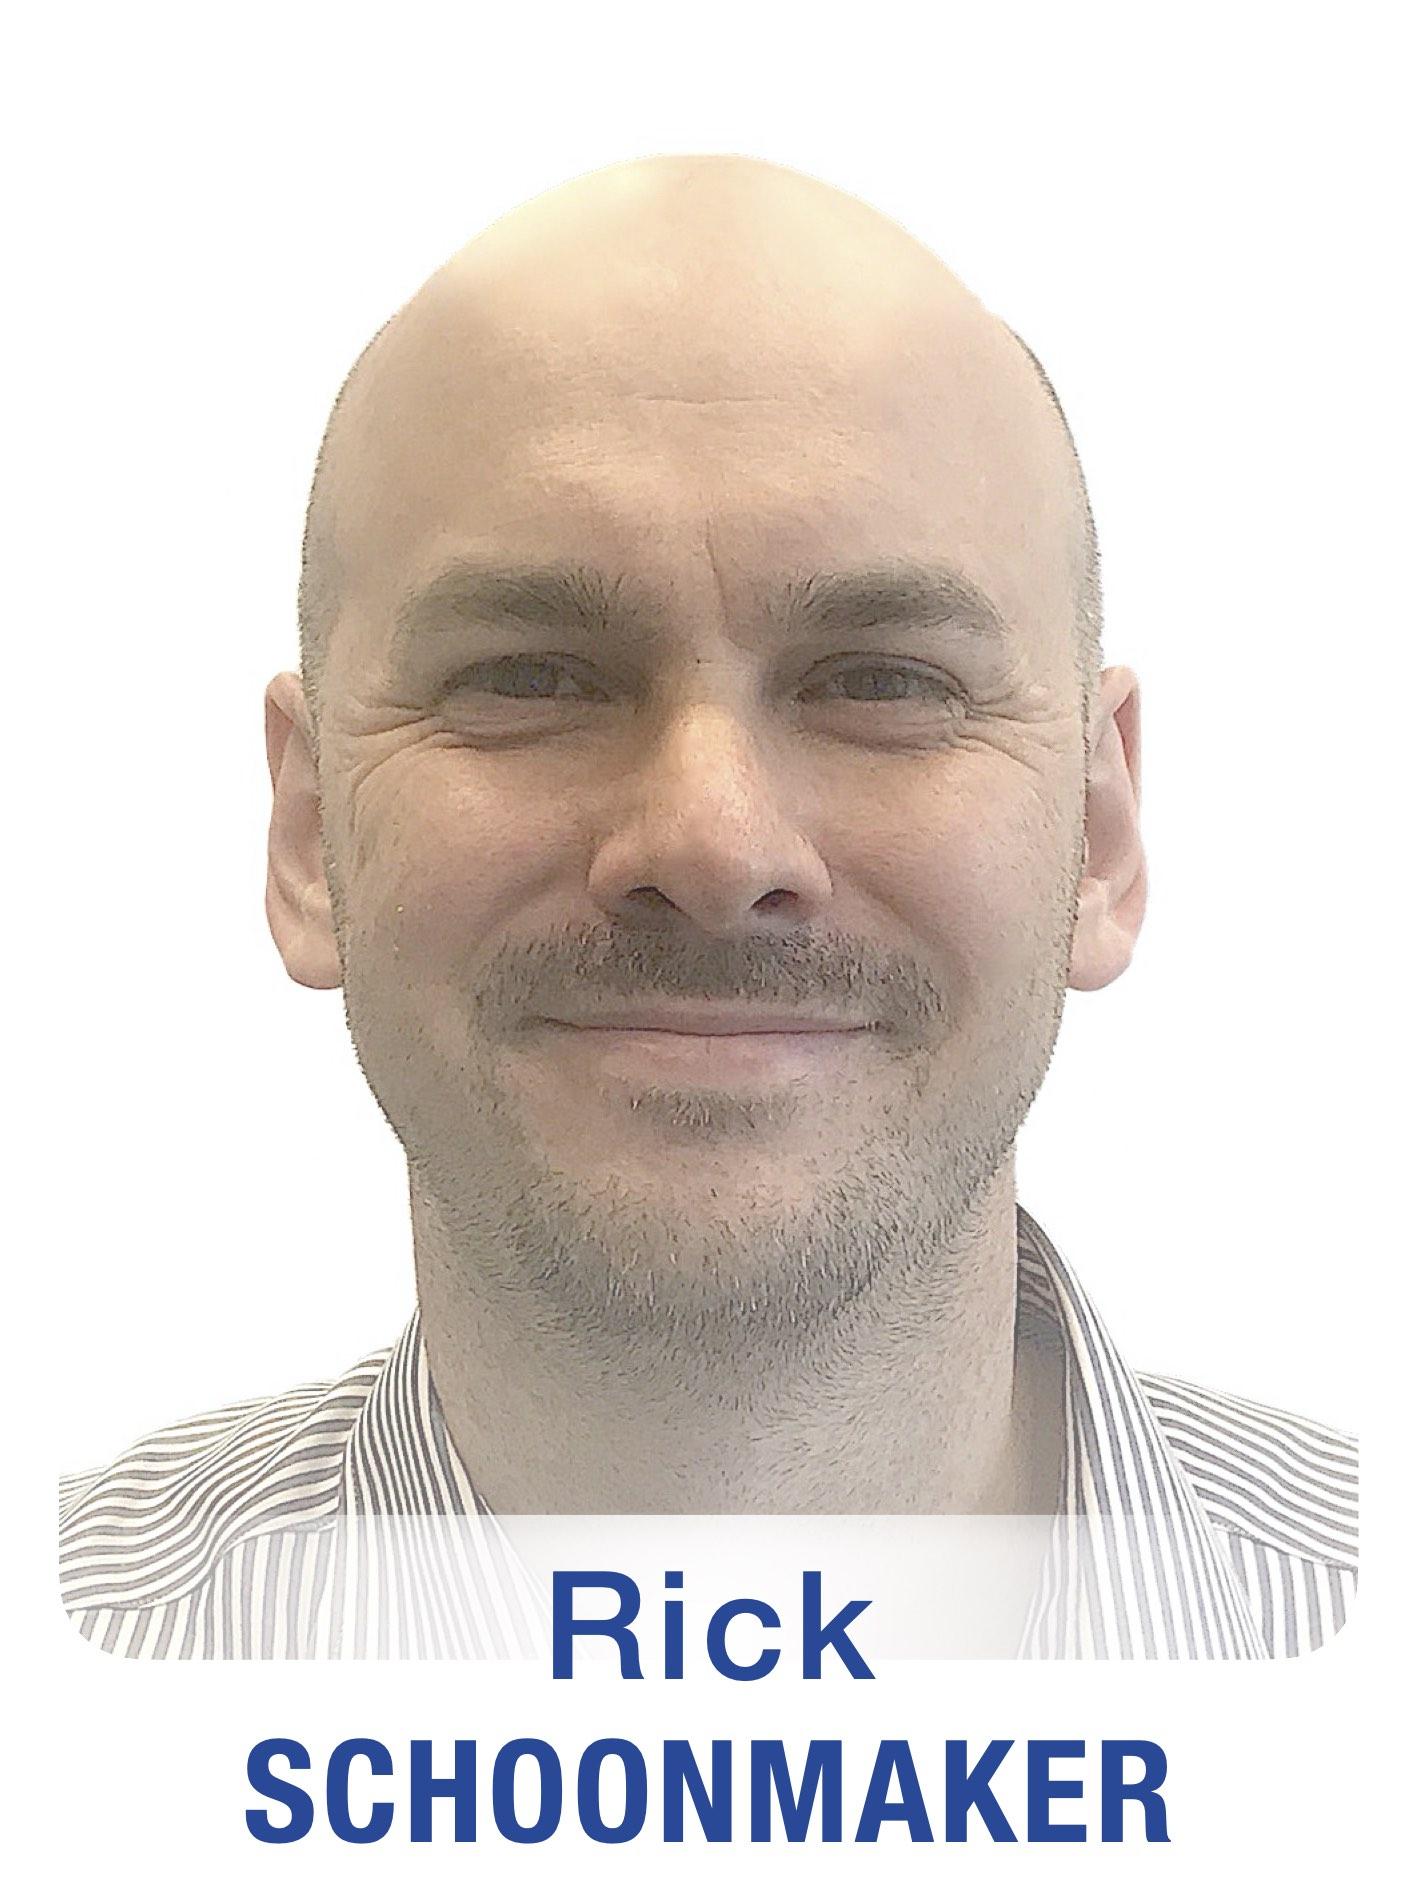 Rick Schoonmaker